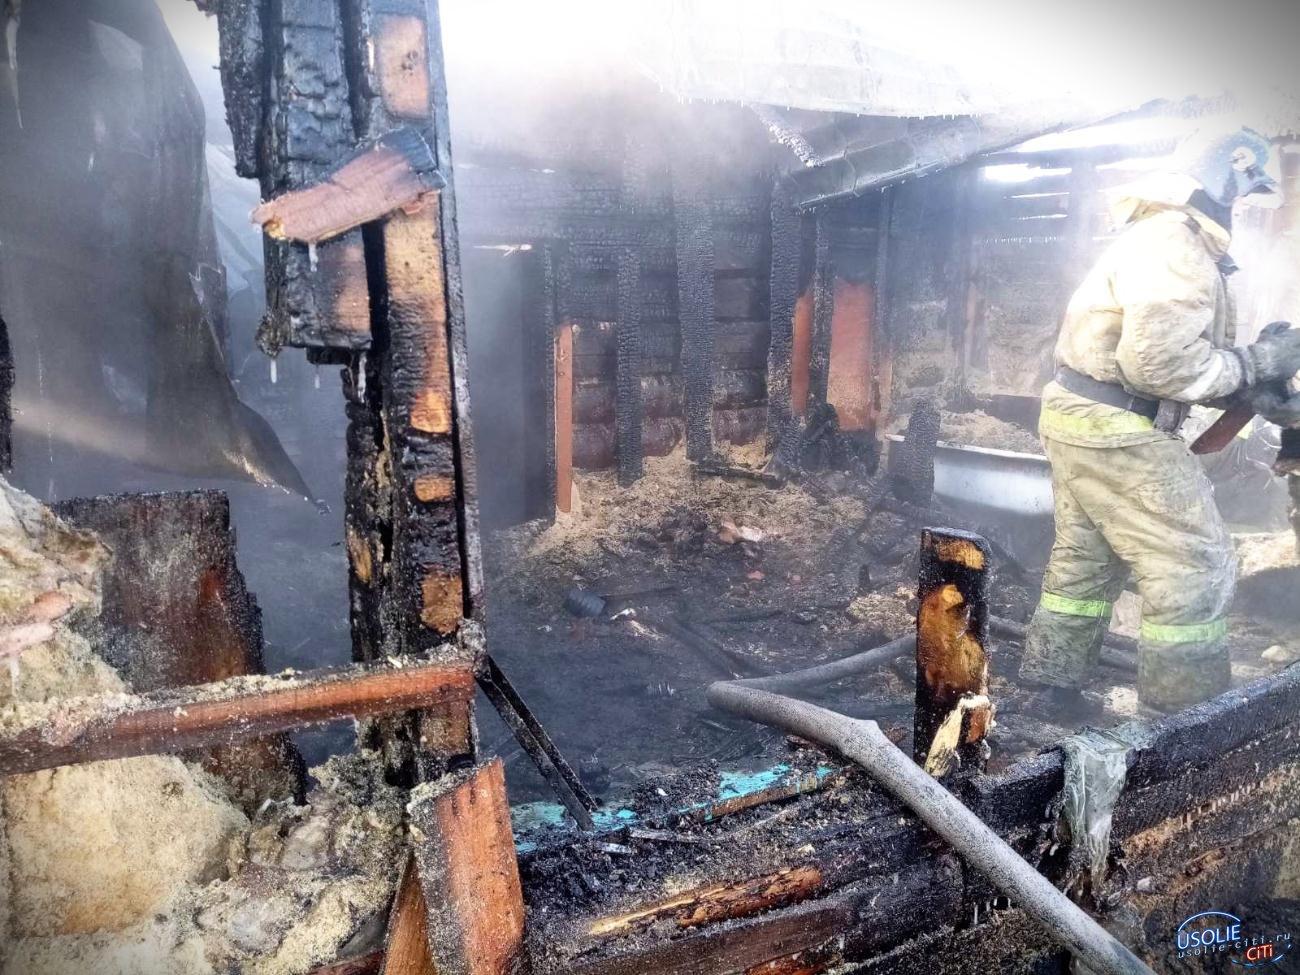 Задохнулись во сне: Пожар в Усолье унес жизни двух человек